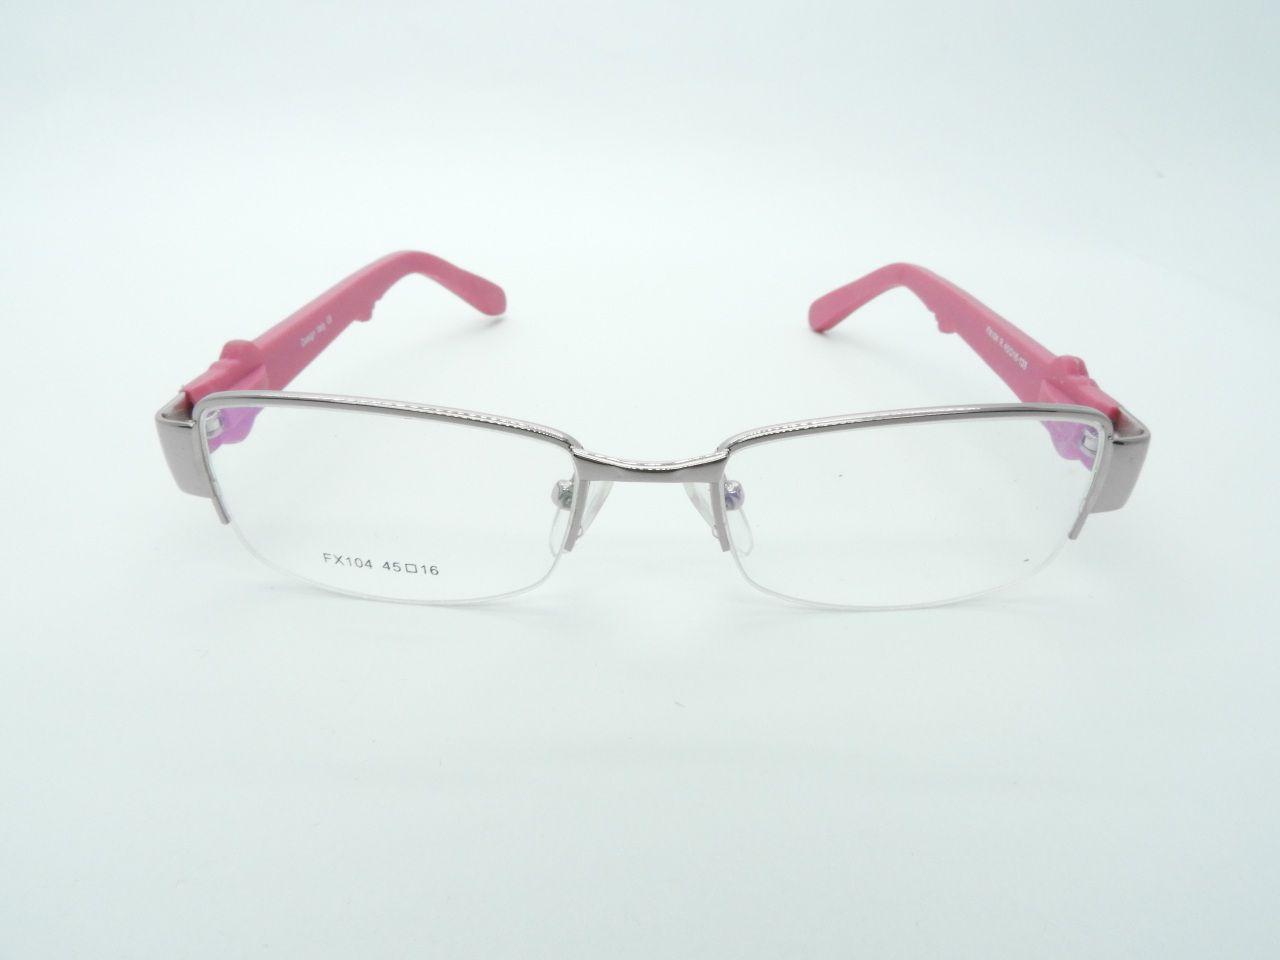 Armação Feminina Infantil FX104  rosa